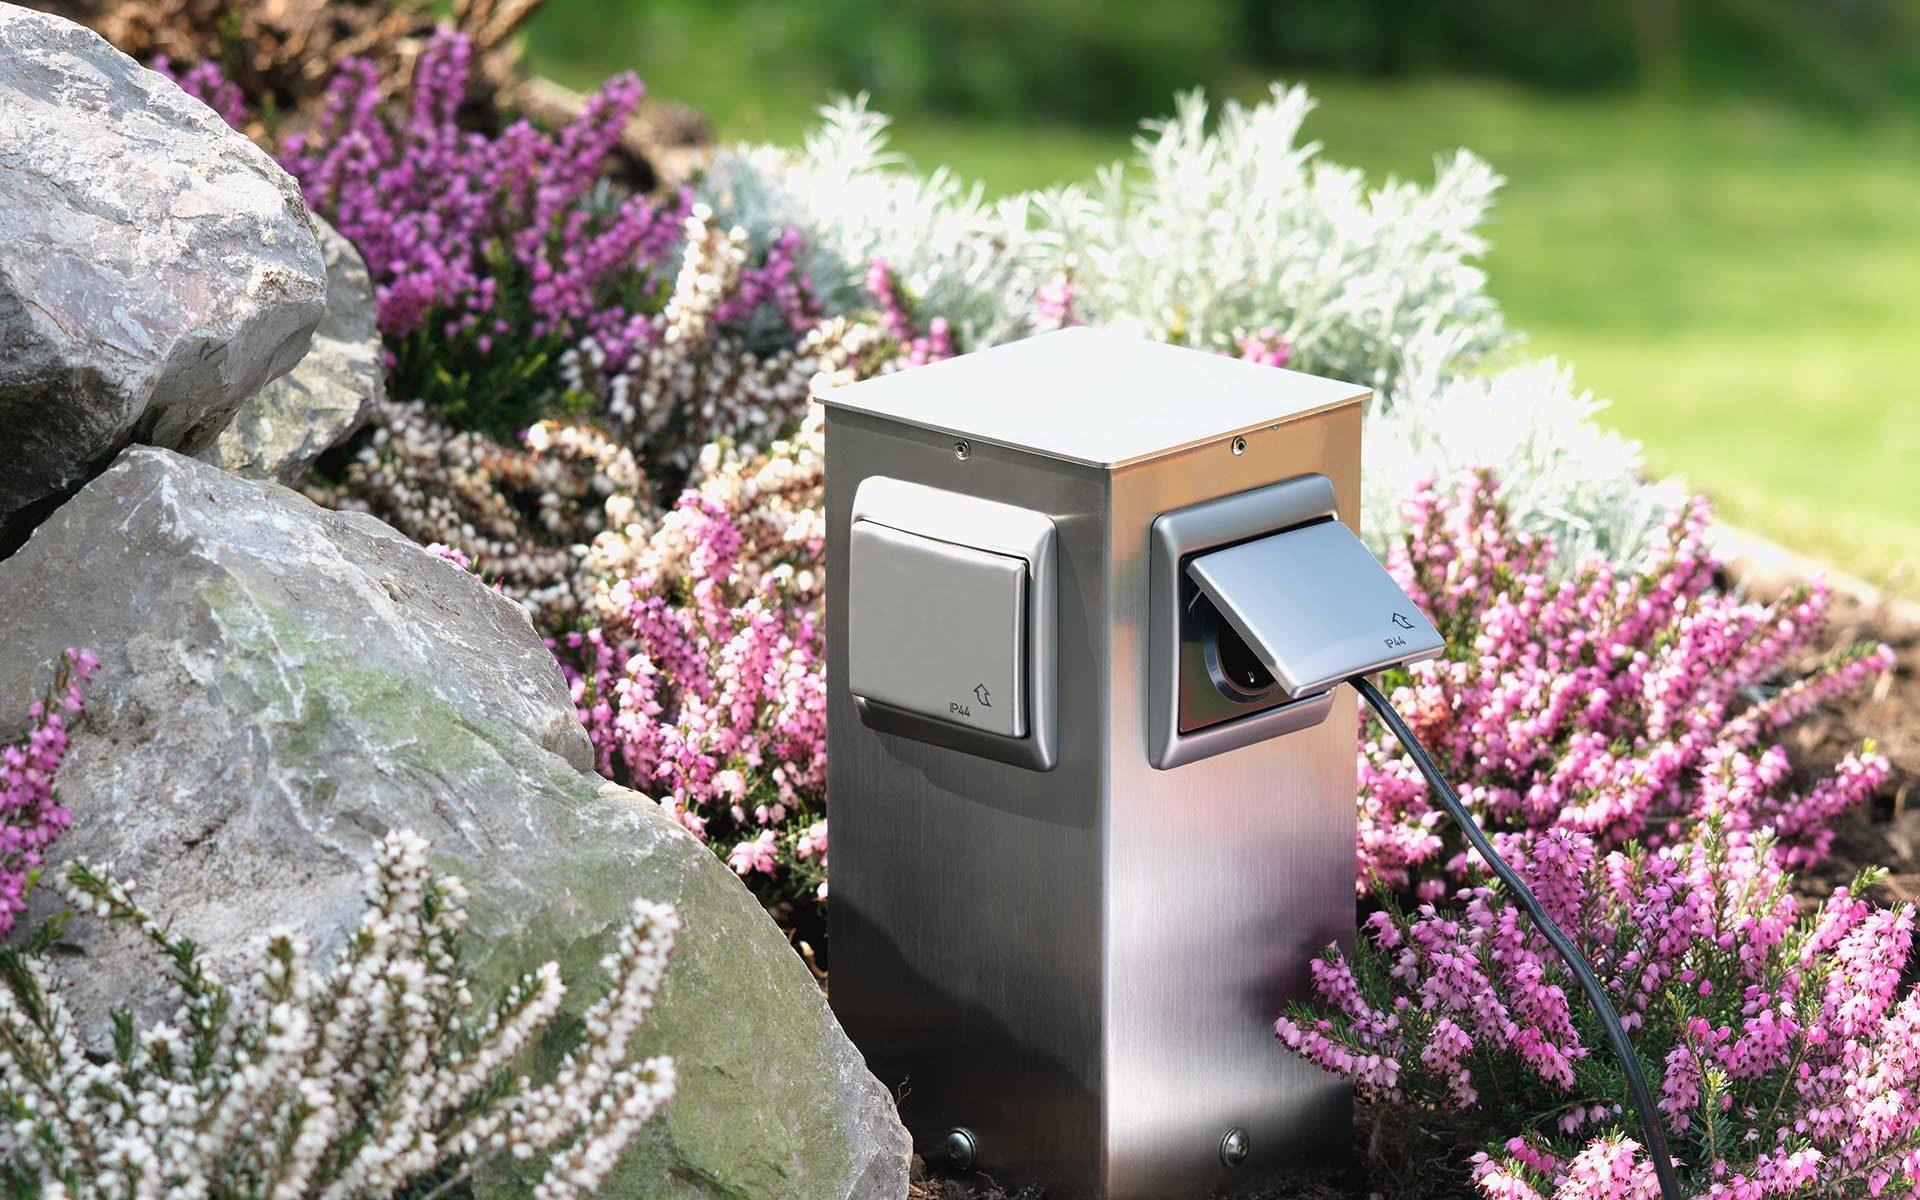 Eine dezente Steckdosensäule aus Edelstahl sorgt für Strom im Blumenbeet.